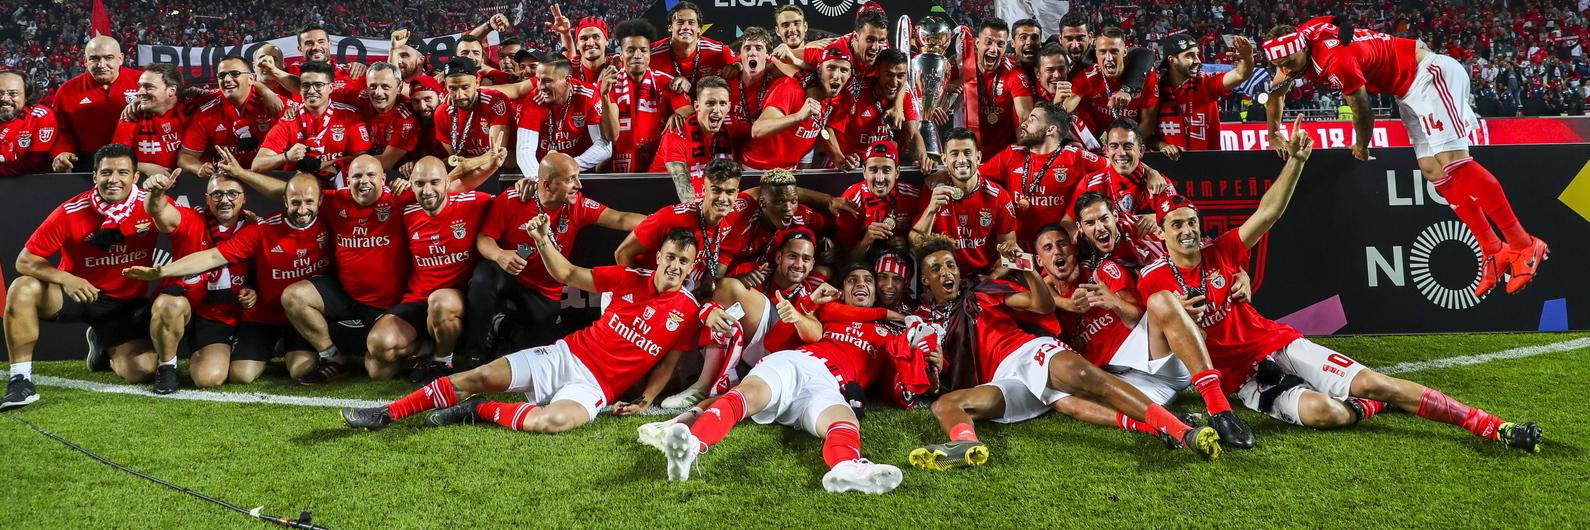 A festa do 37 e a caminhada rumo ao título: especial Benfica Campeão 2018/19